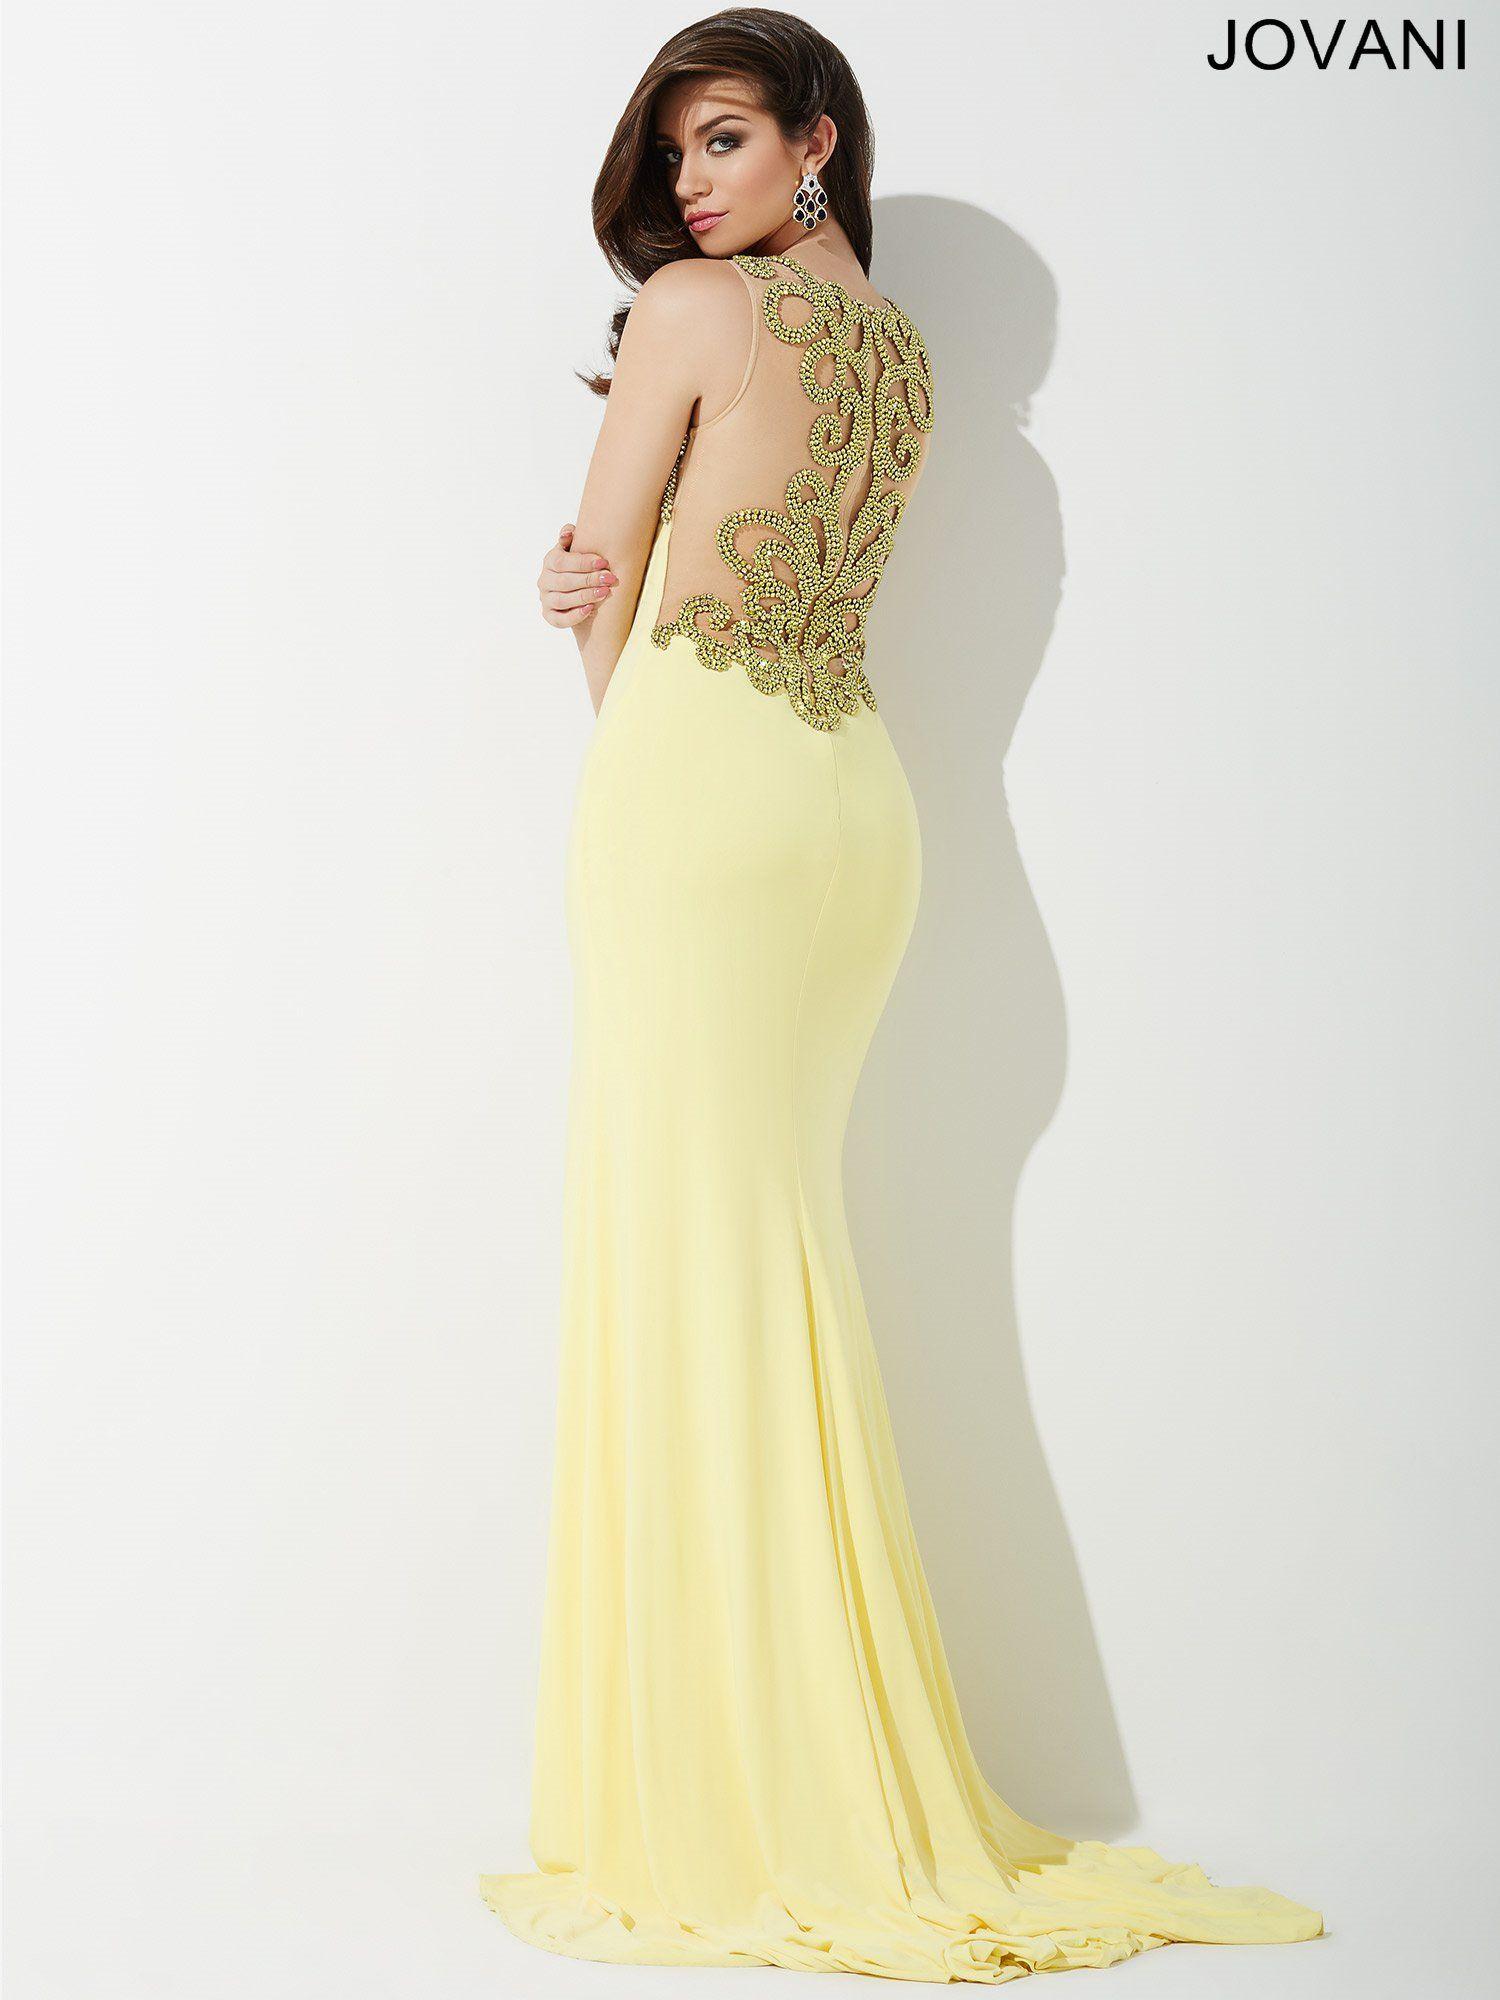 Jp bicos de pano de prato em croche pinterest prom dress